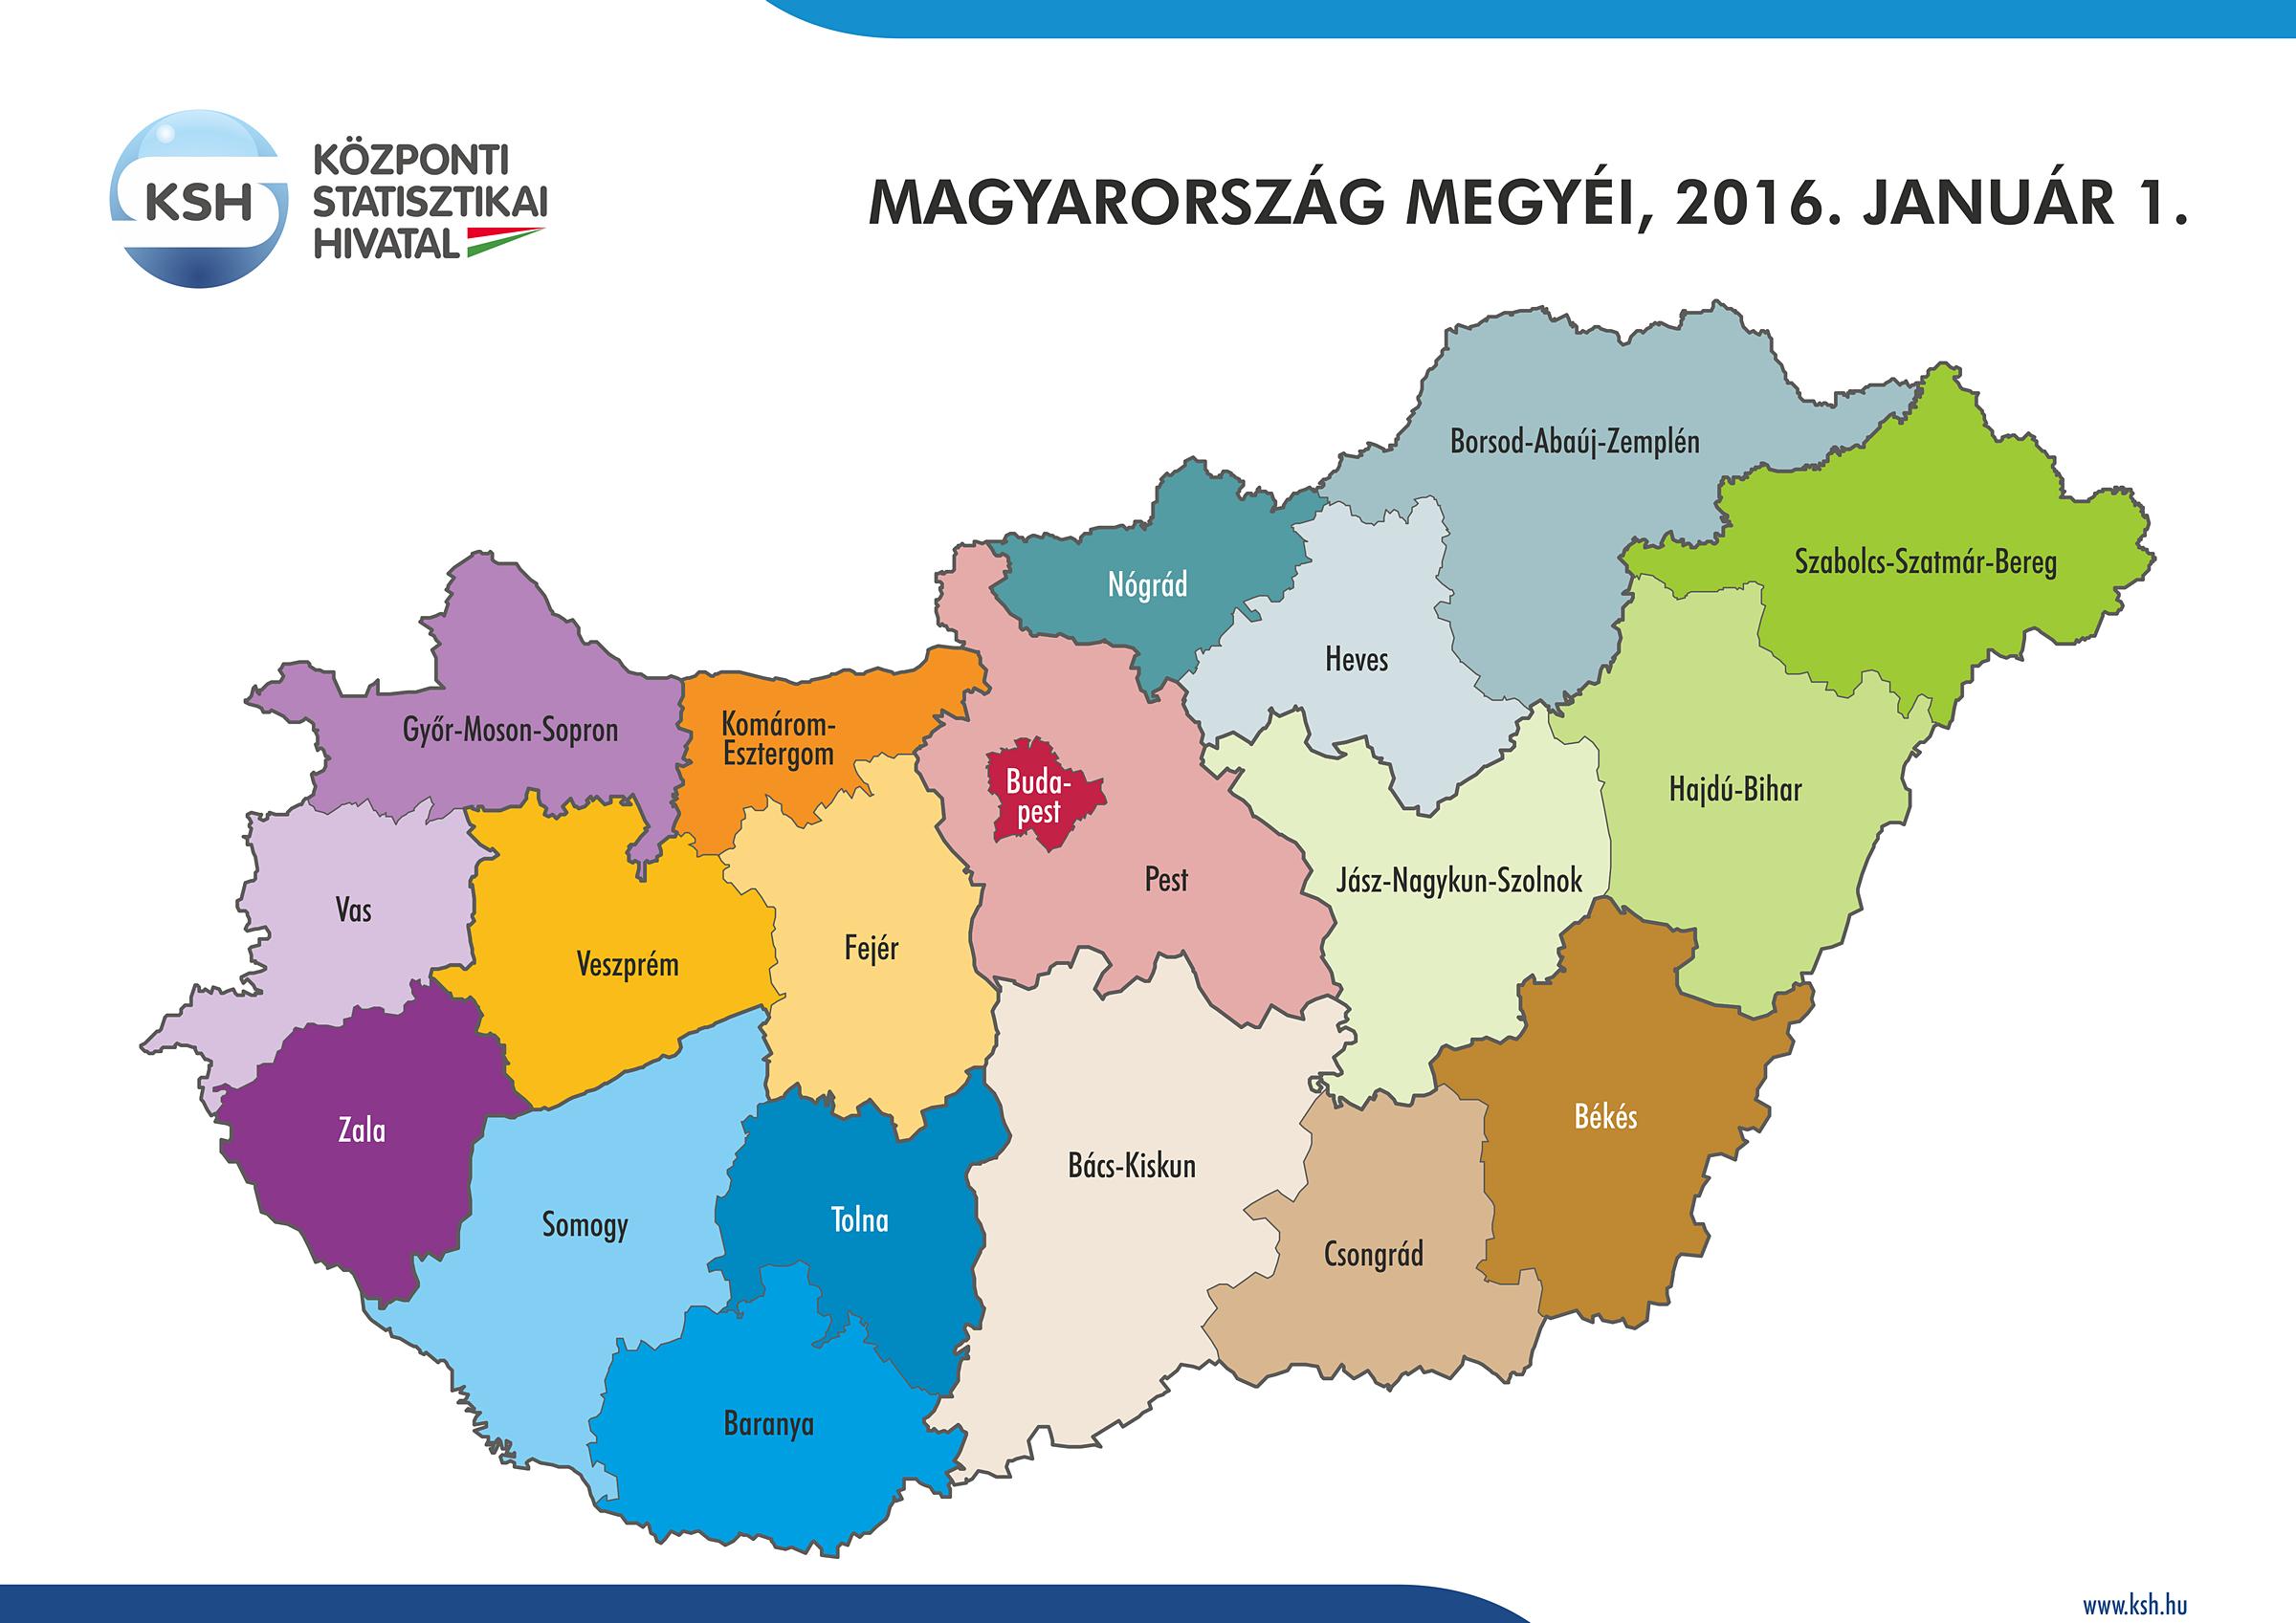 magyarország térkép megyékkel városokkal Központi Statisztikai Hivatal magyarország térkép megyékkel városokkal